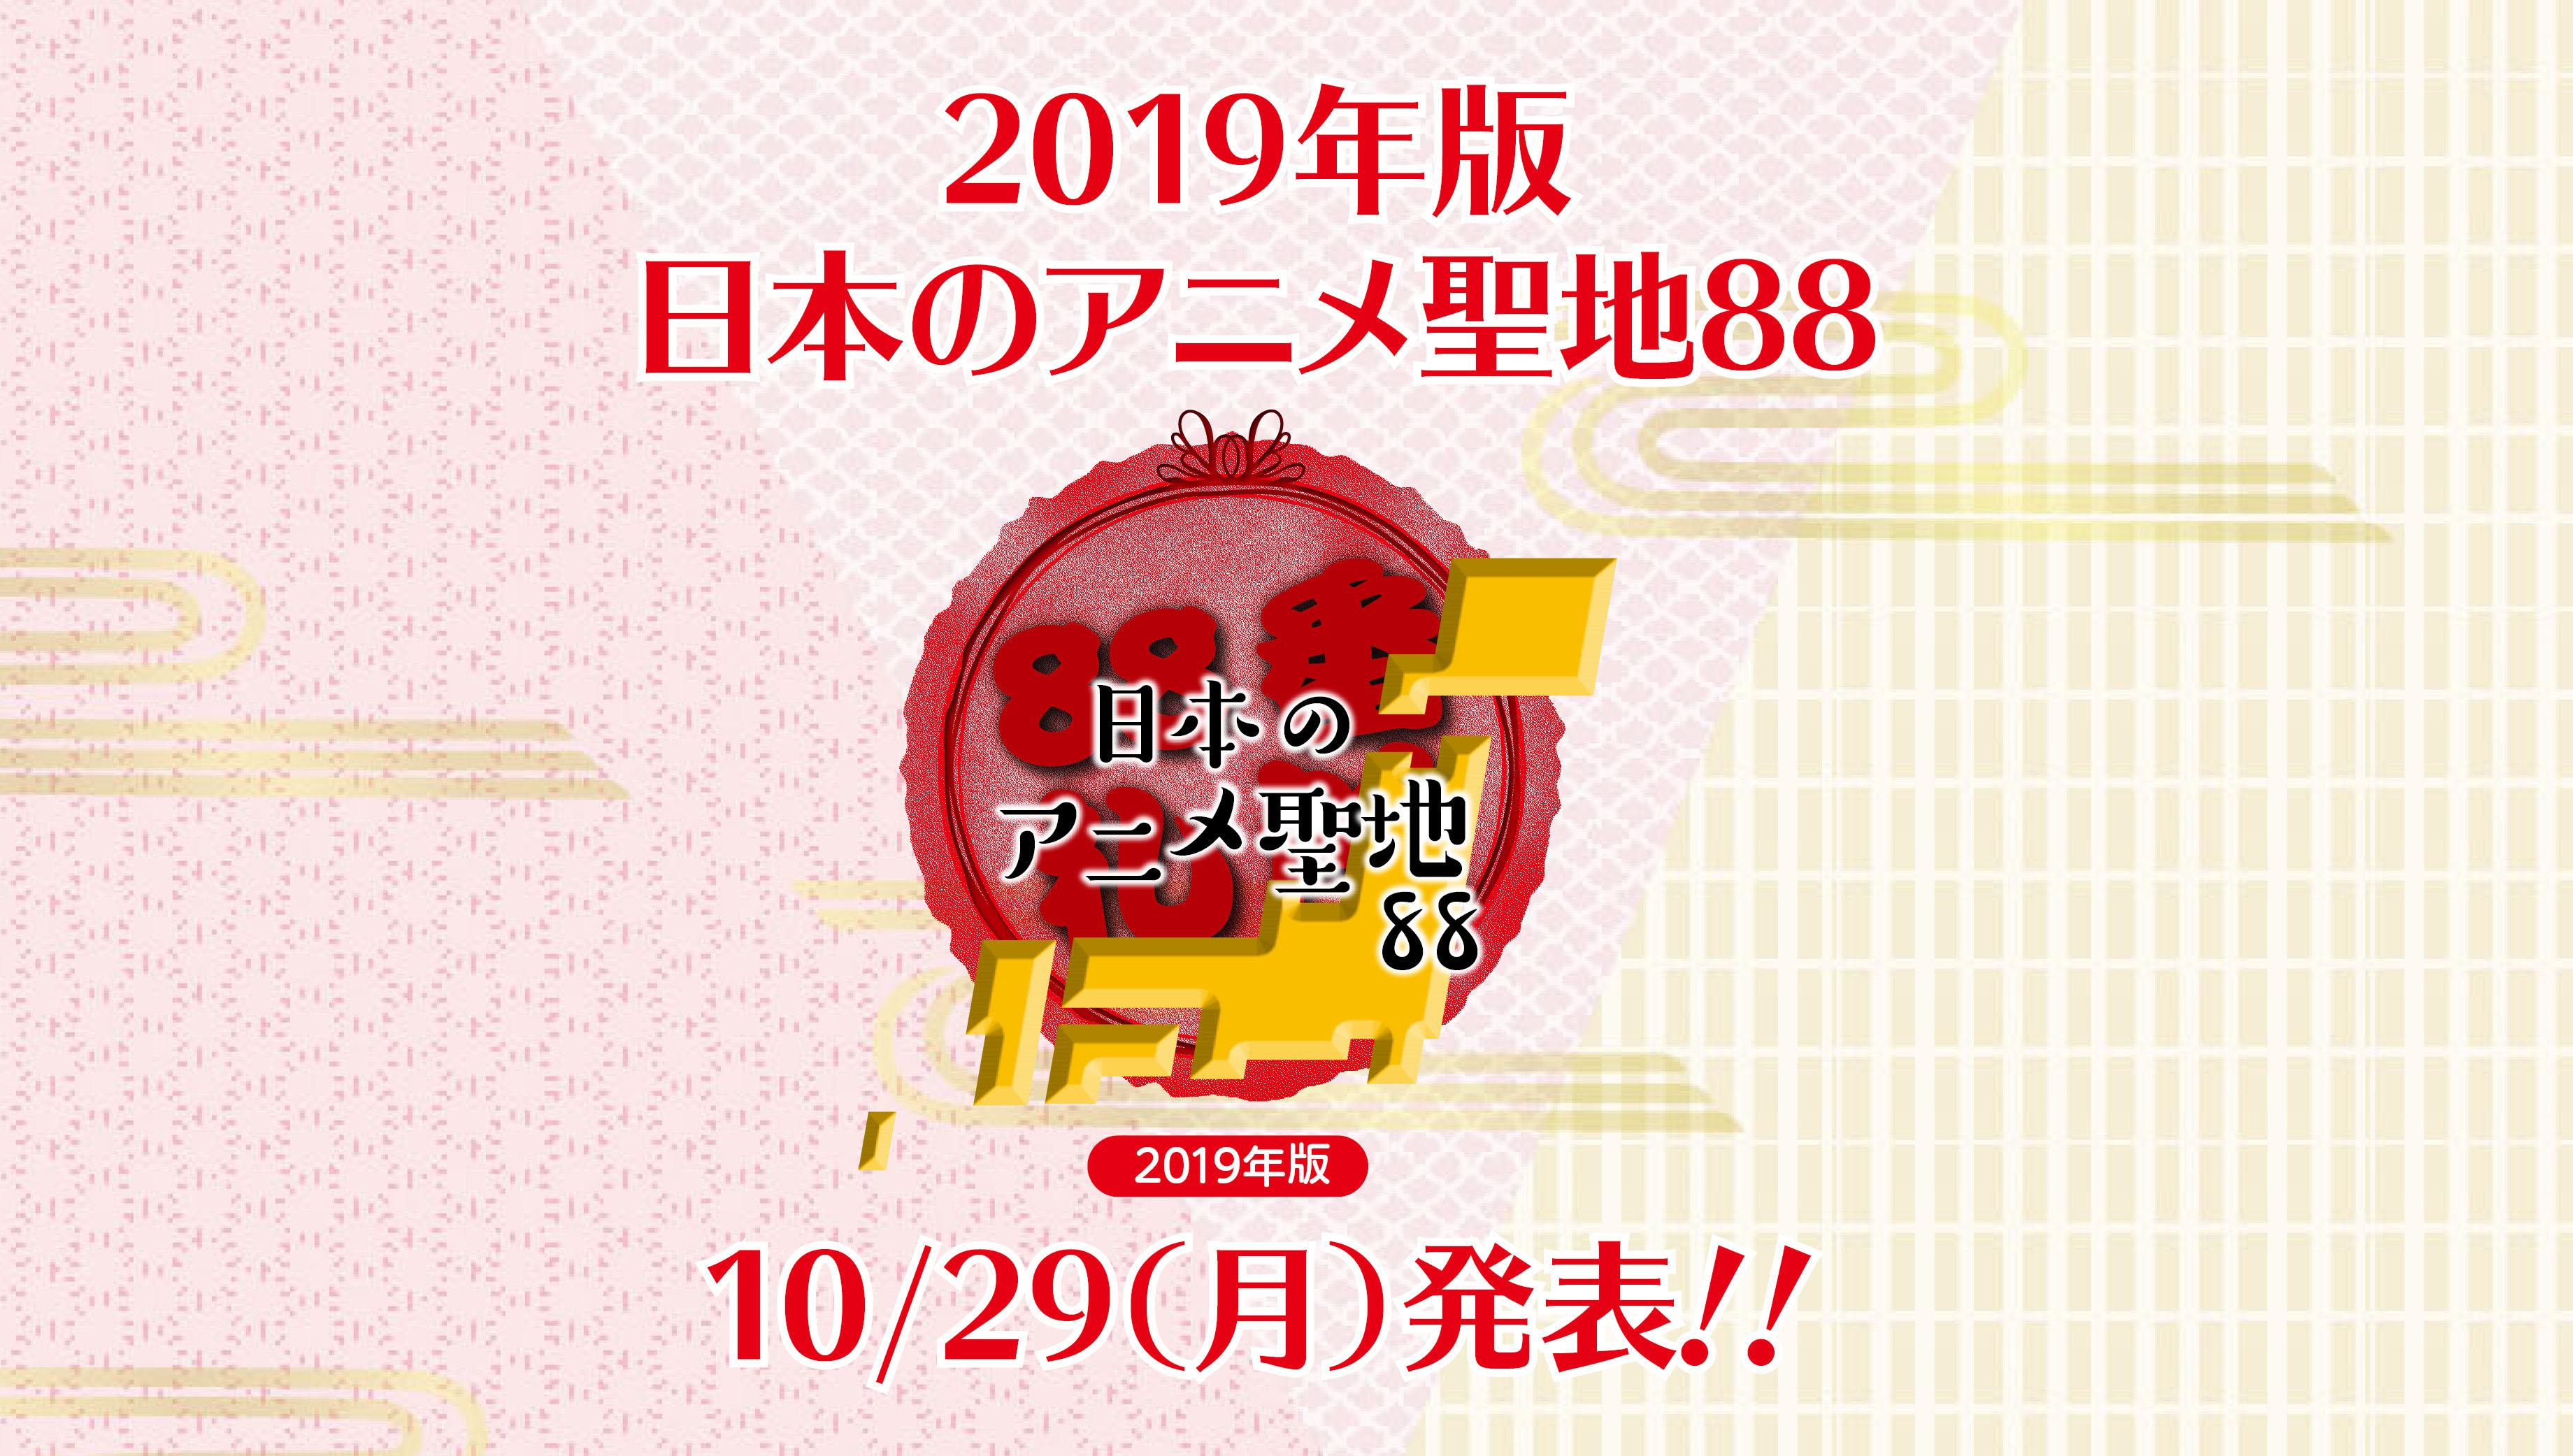 2019年版「訪れてみたい日本のアニメ聖地88」発表会まもなく開催!